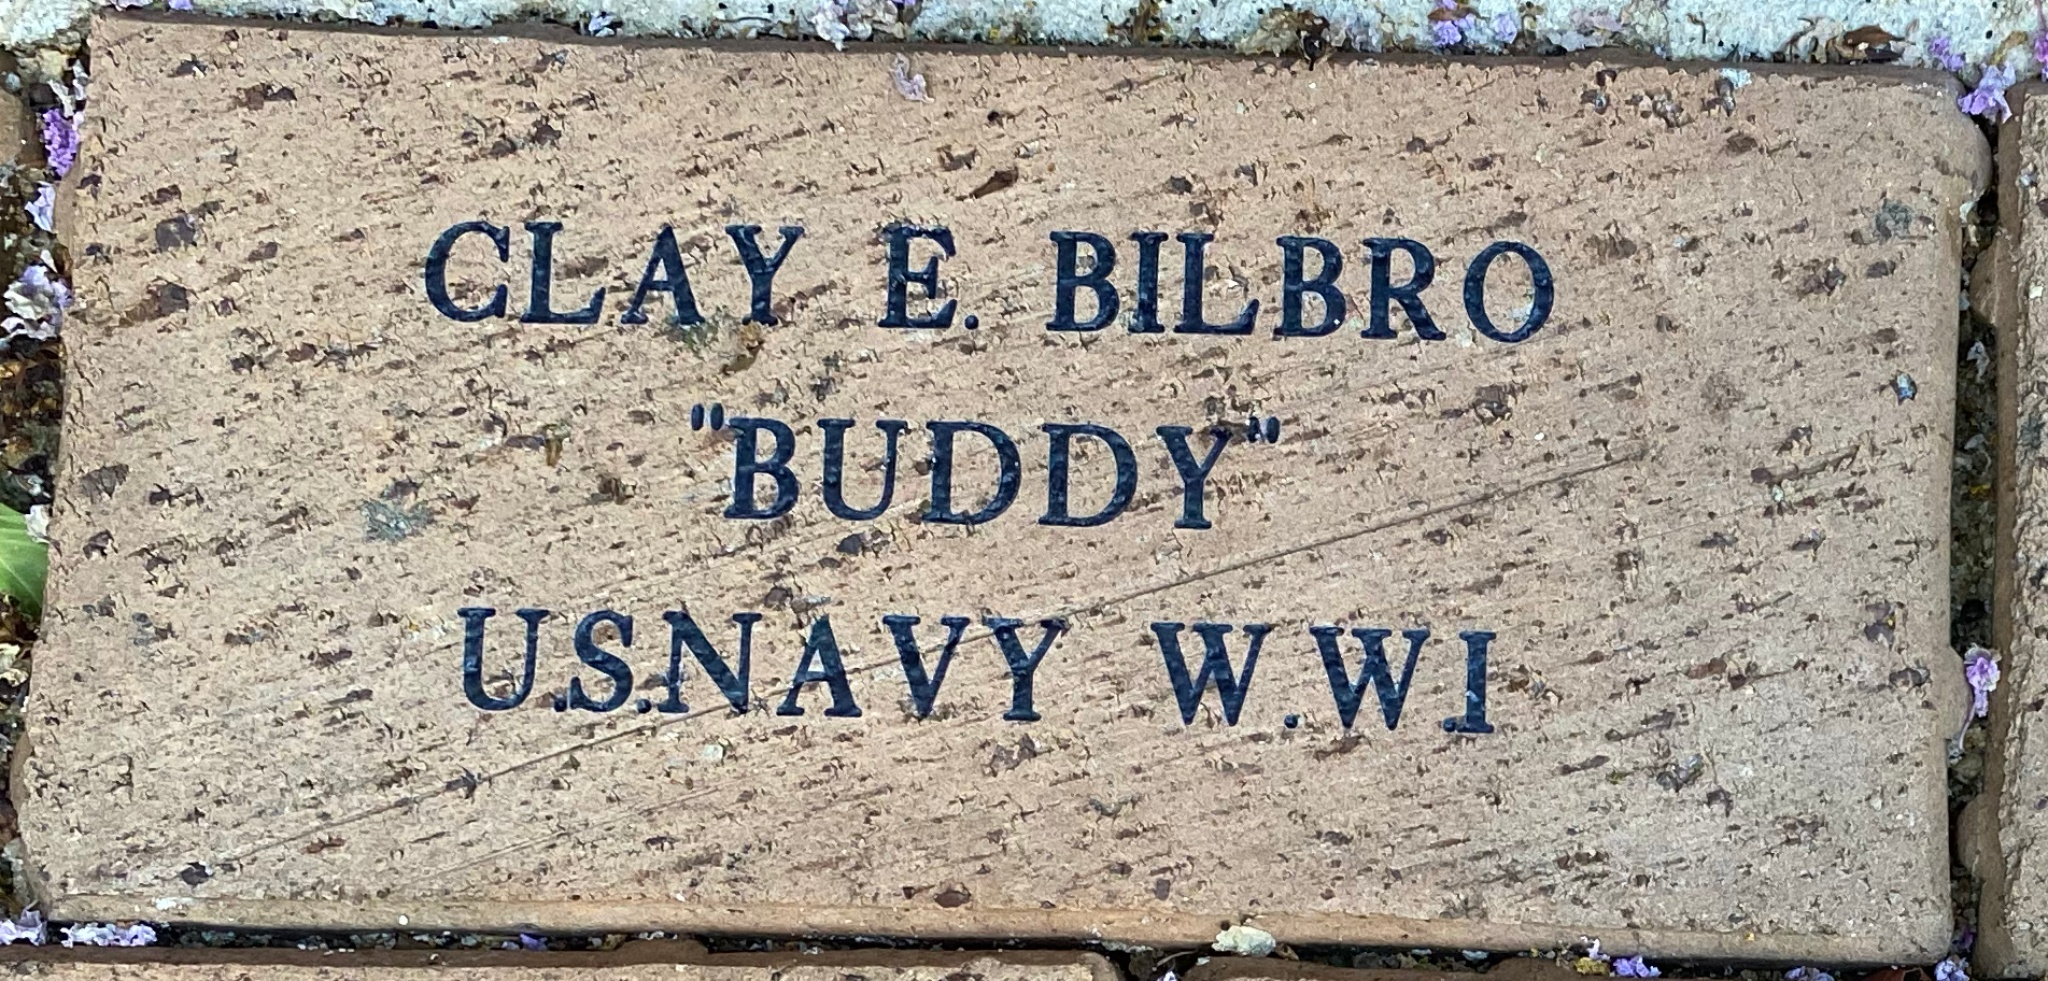 """CLAY E. BILBRO """"BUDDY"""" U.S.NAVY W.W I"""